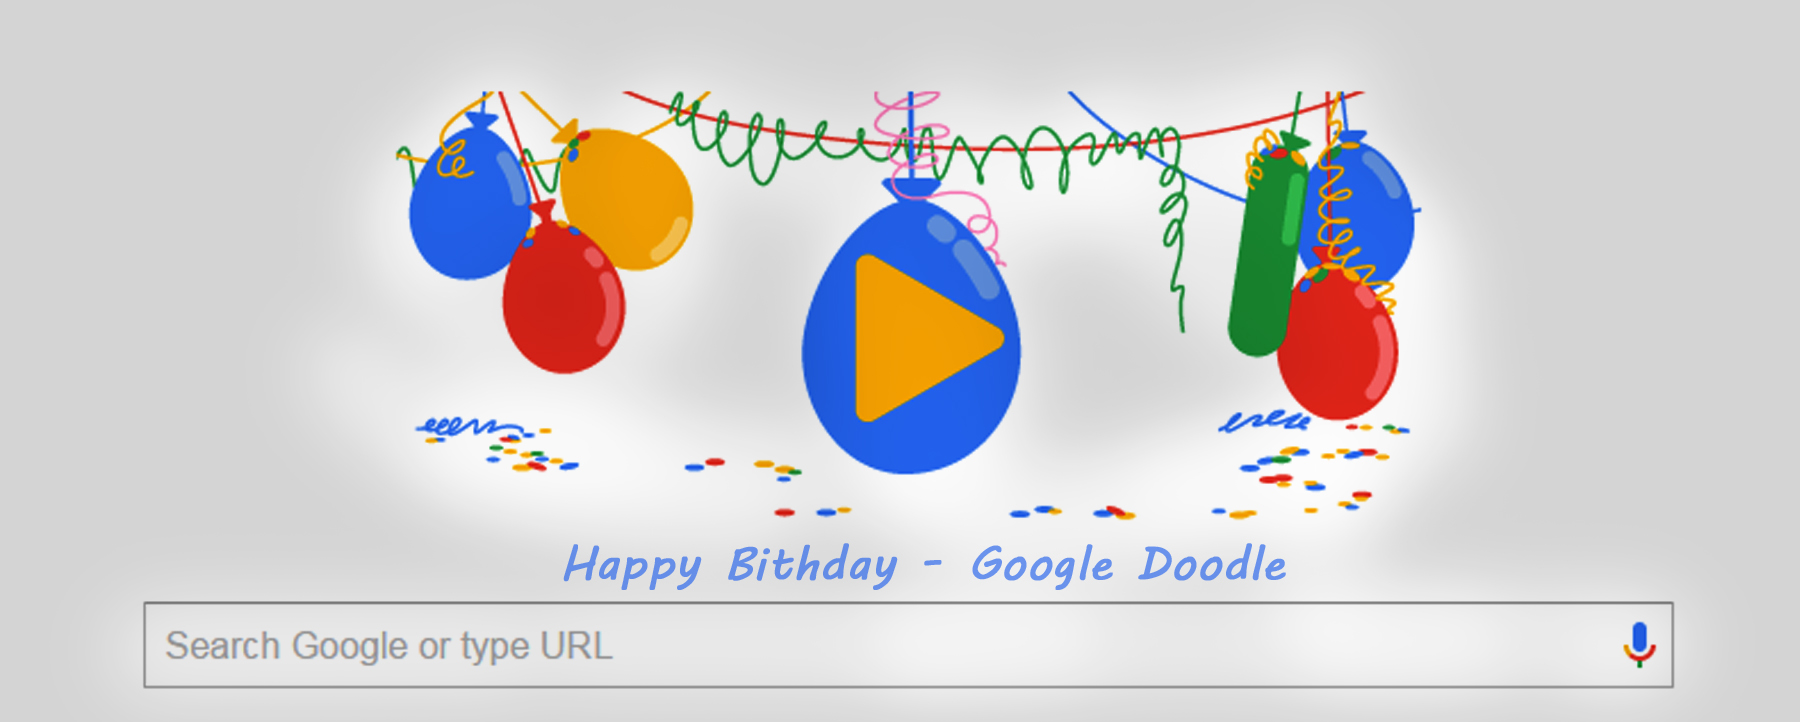 Happy-google-doodle-birthday